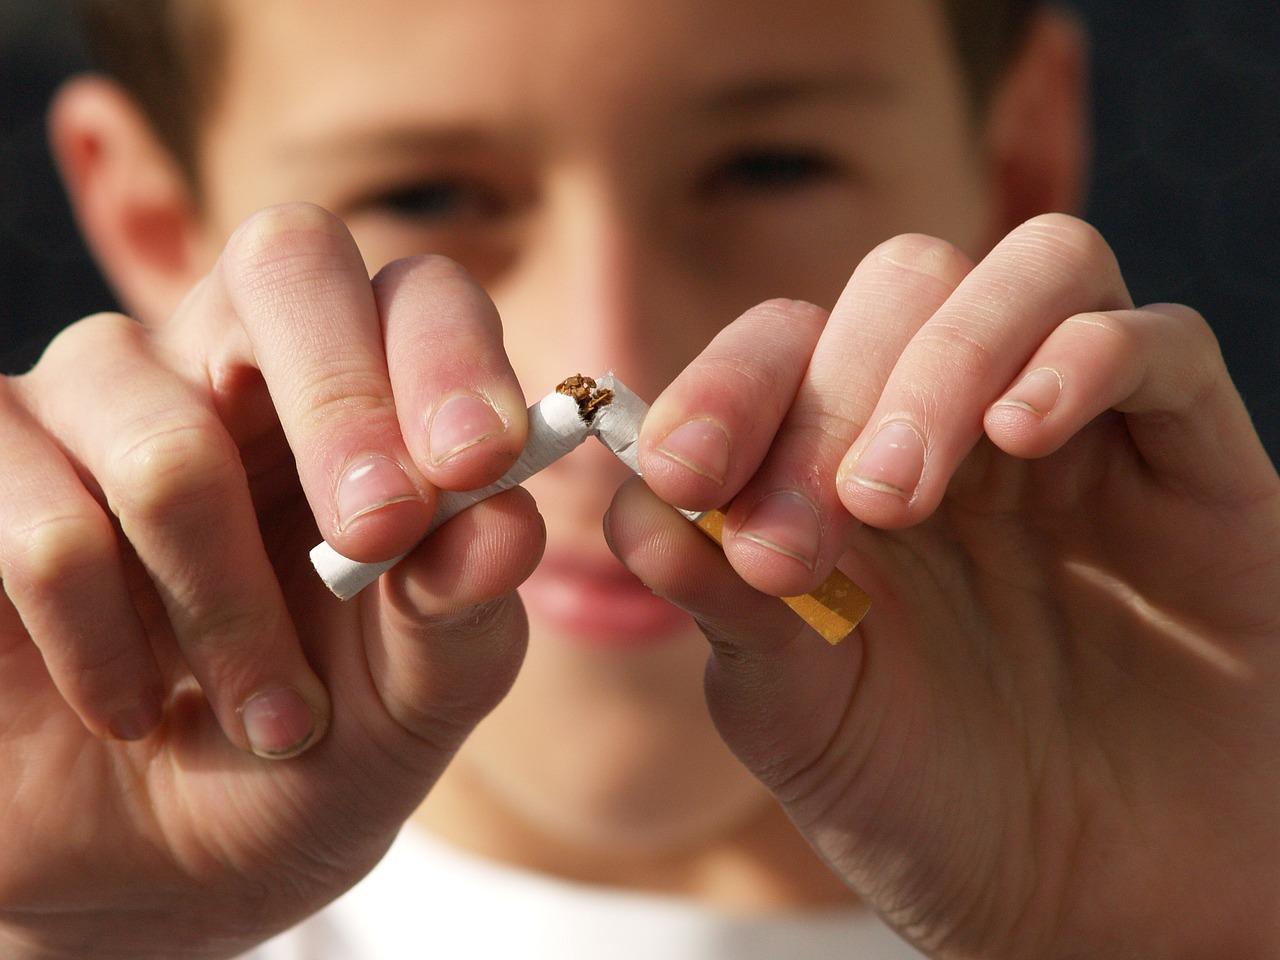 Giornata mondiale senza tabacco: il focus di quest'anno